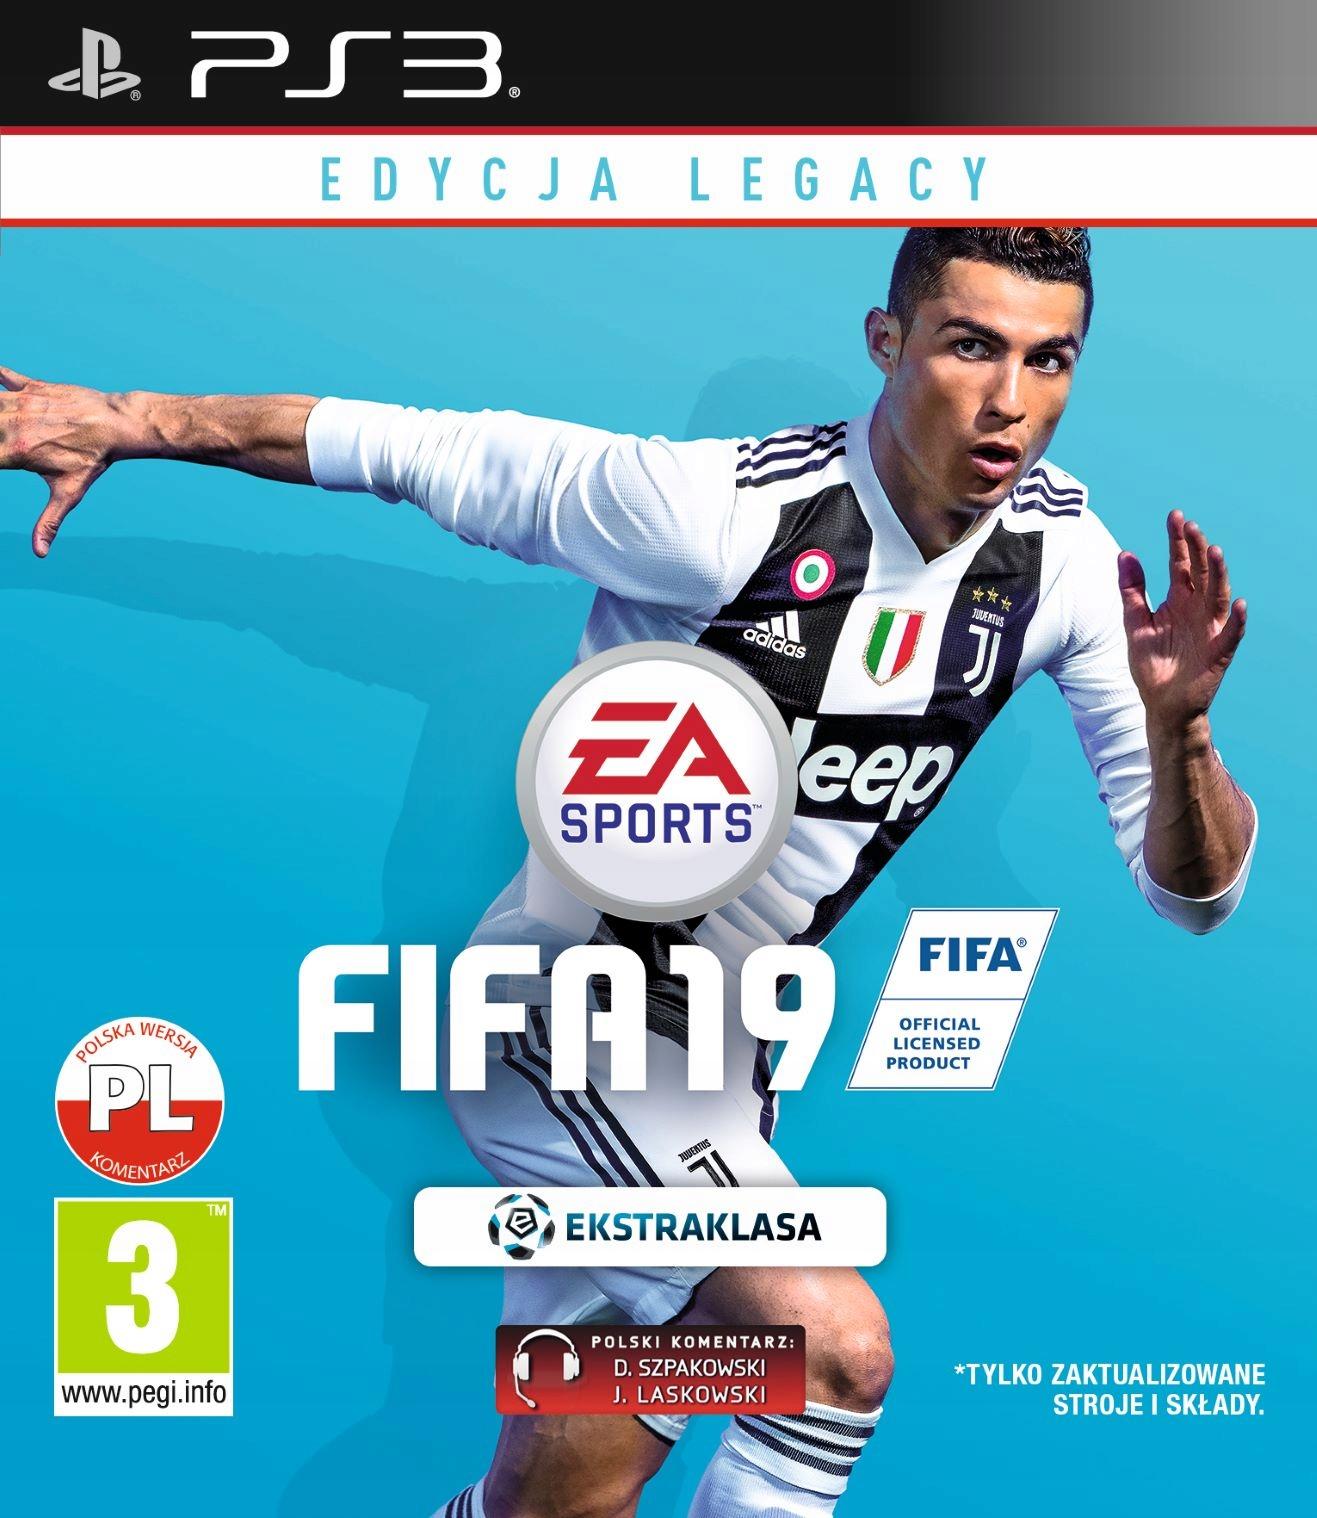 PS3 320gb slim +23GRY +CFW 4.82 przerobiona FIFA19